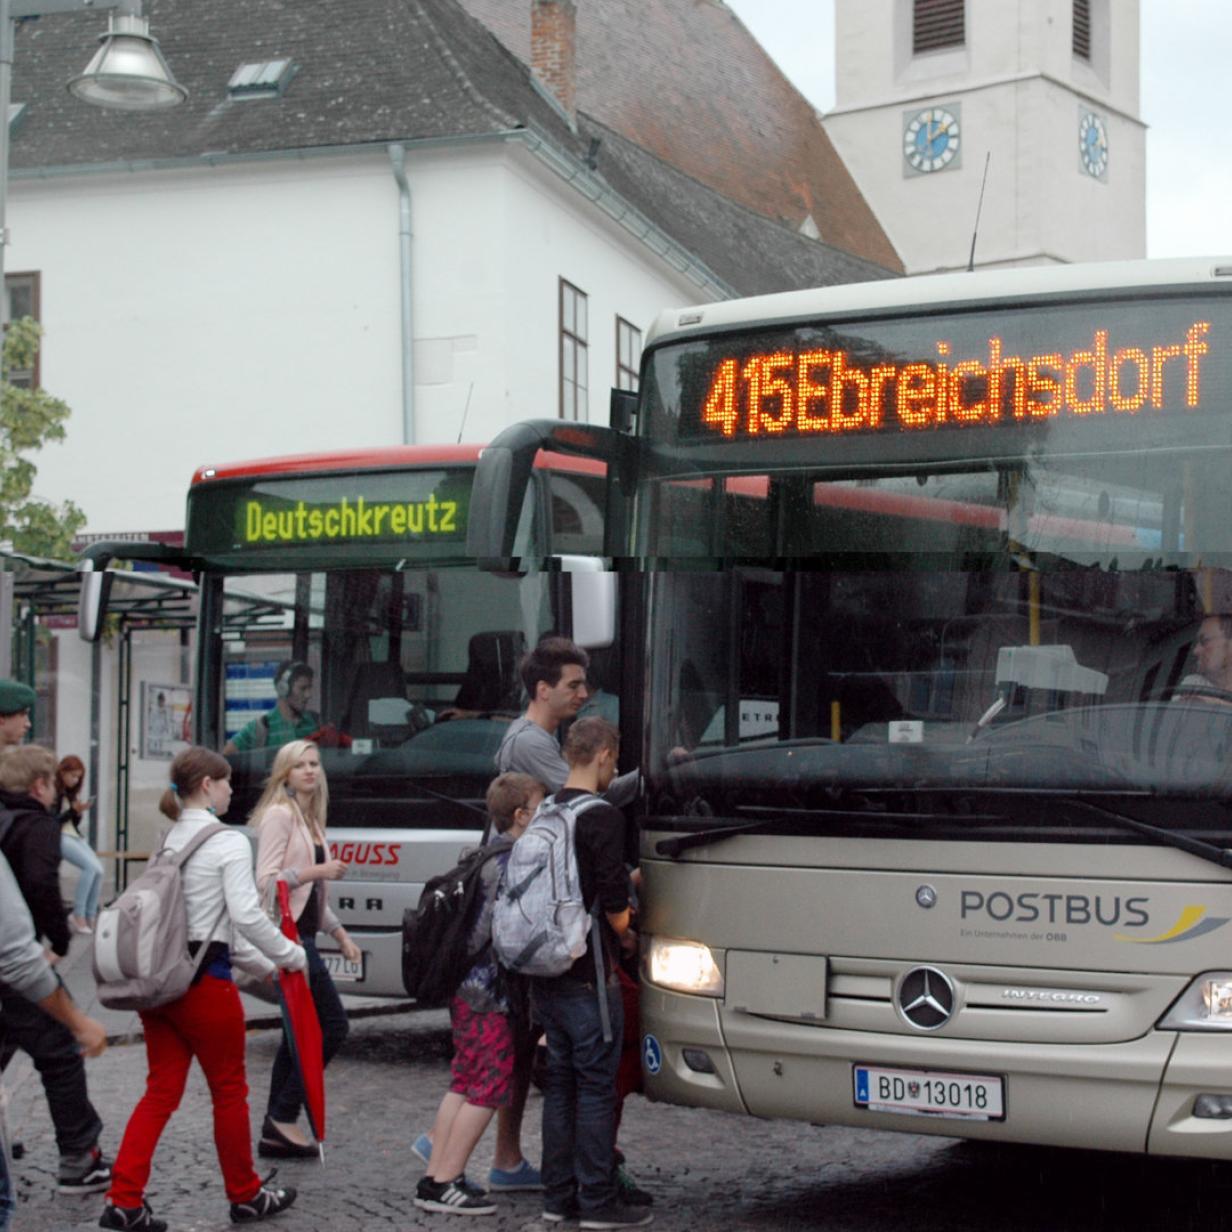 Das Land will die Schülertransporte selbst regeln